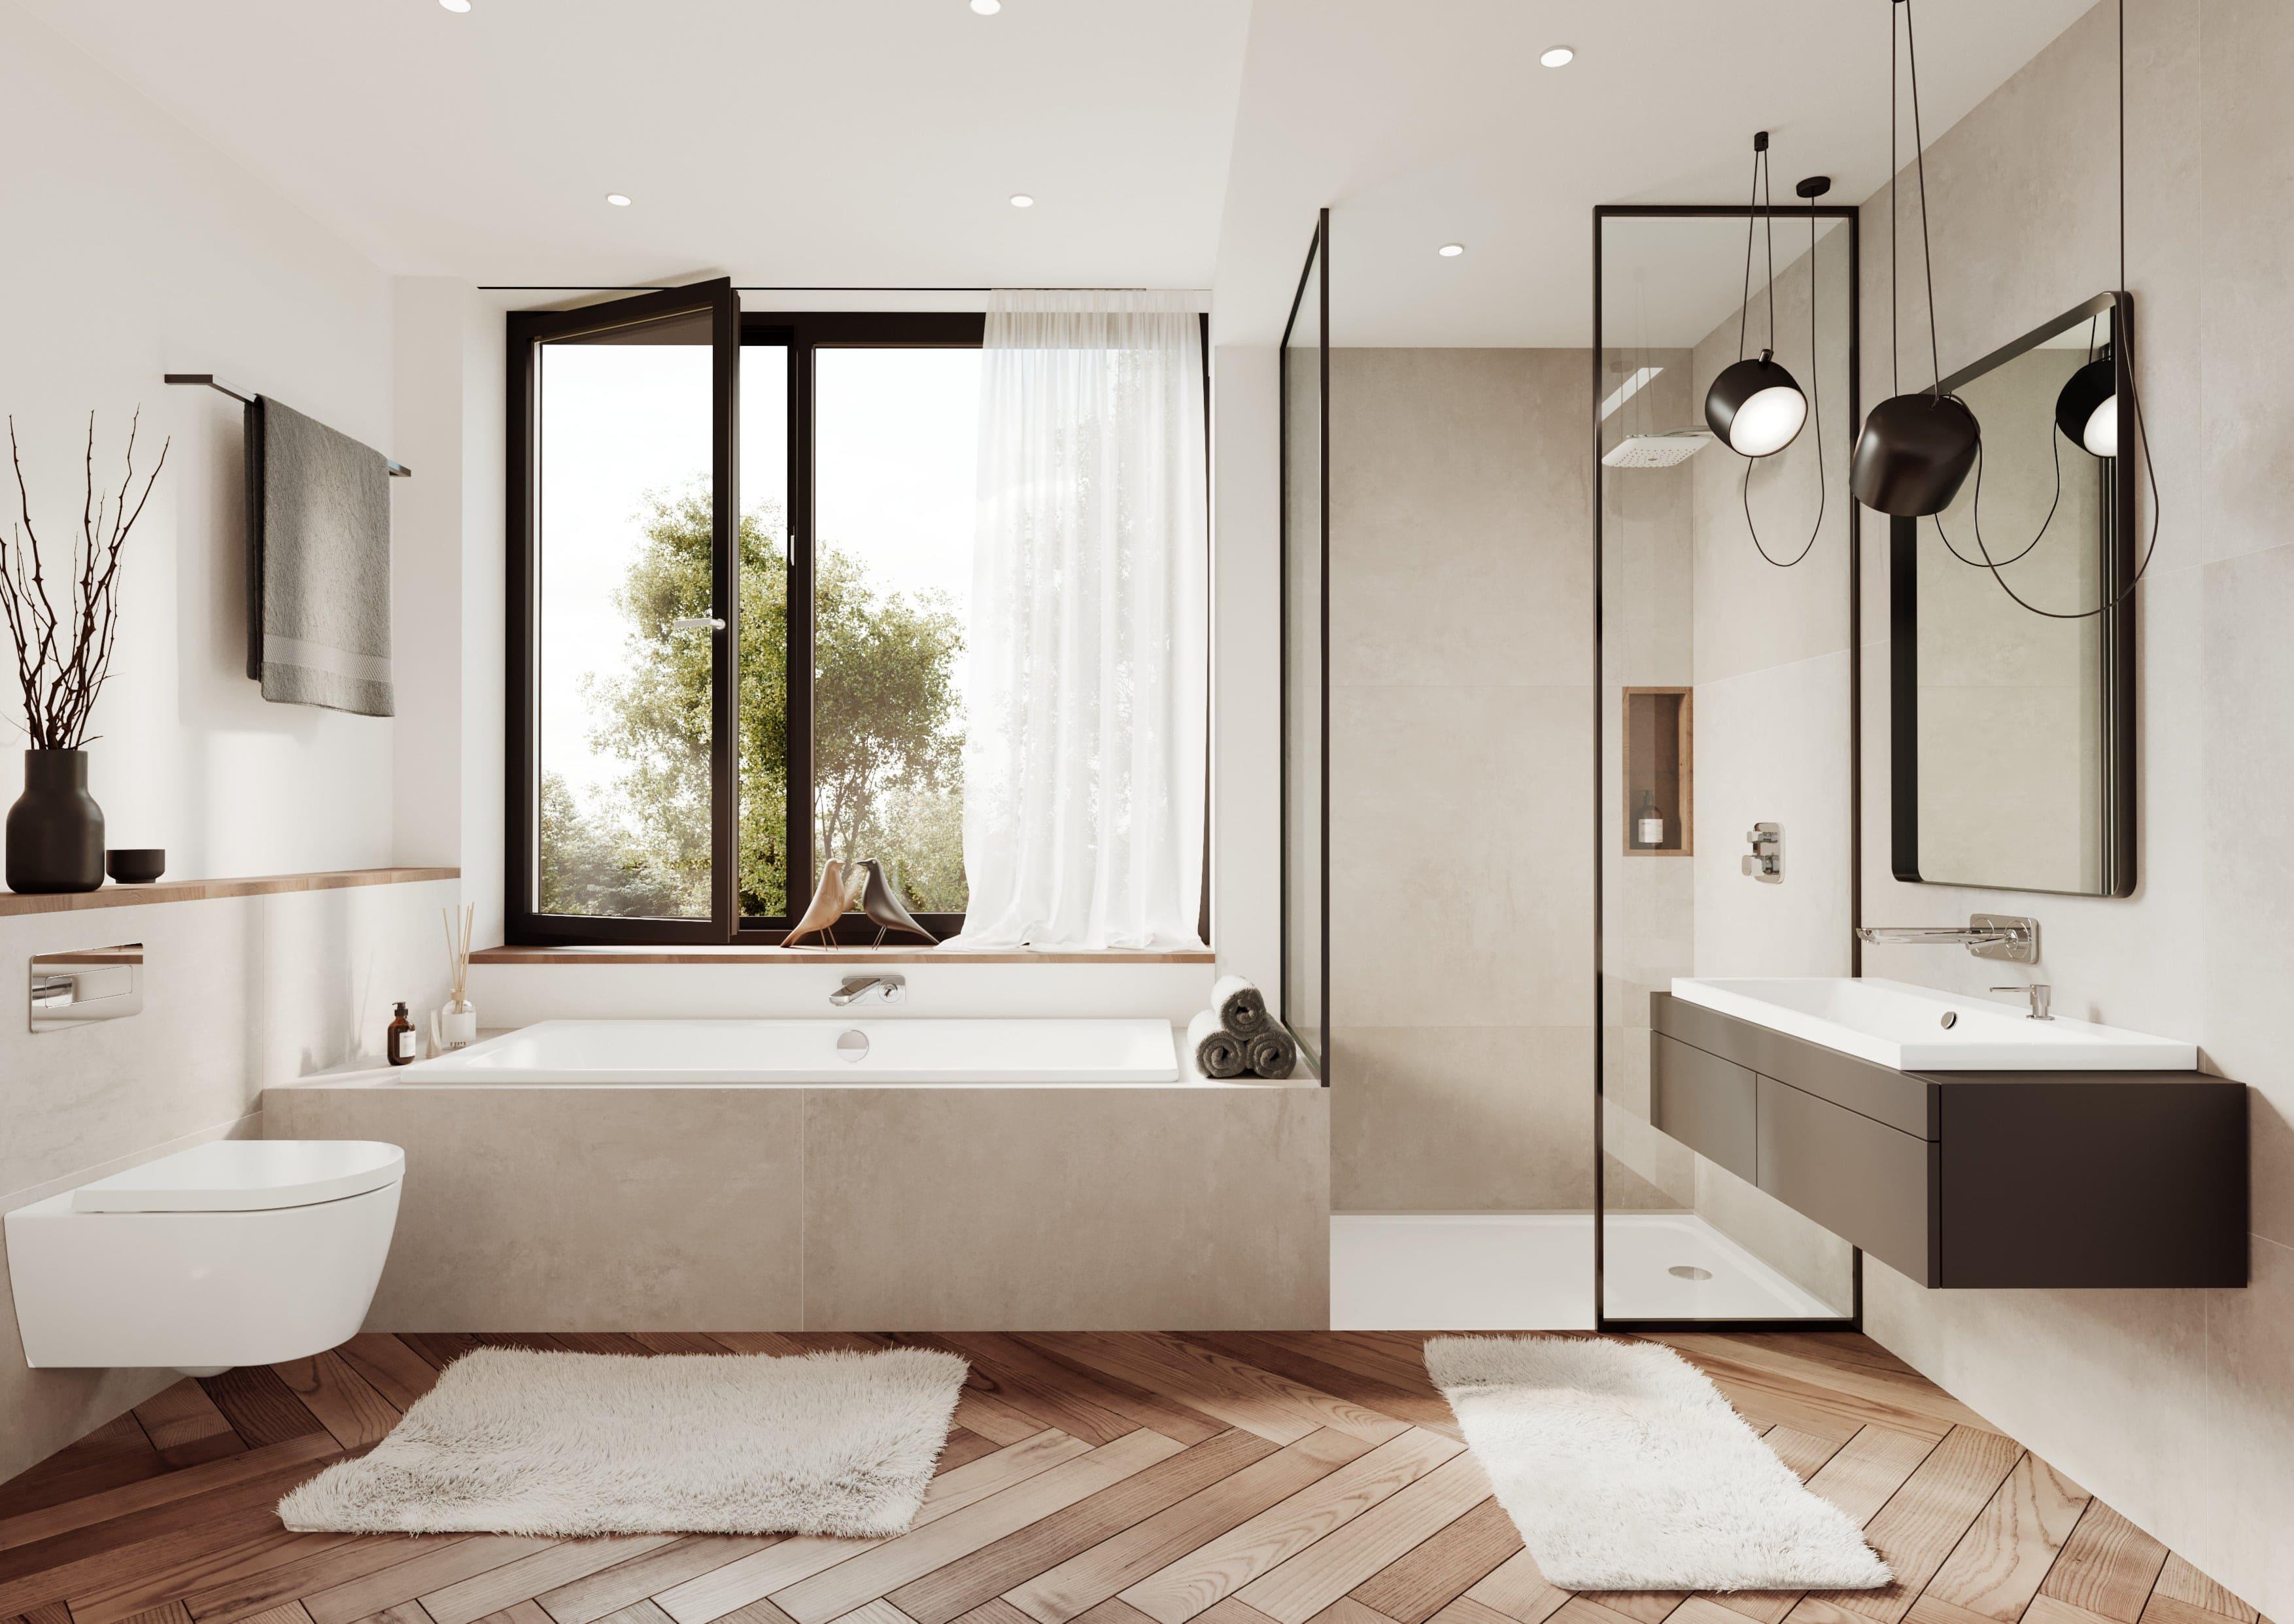 Kaldewei Einbausituation Badewanne und Waschtisch